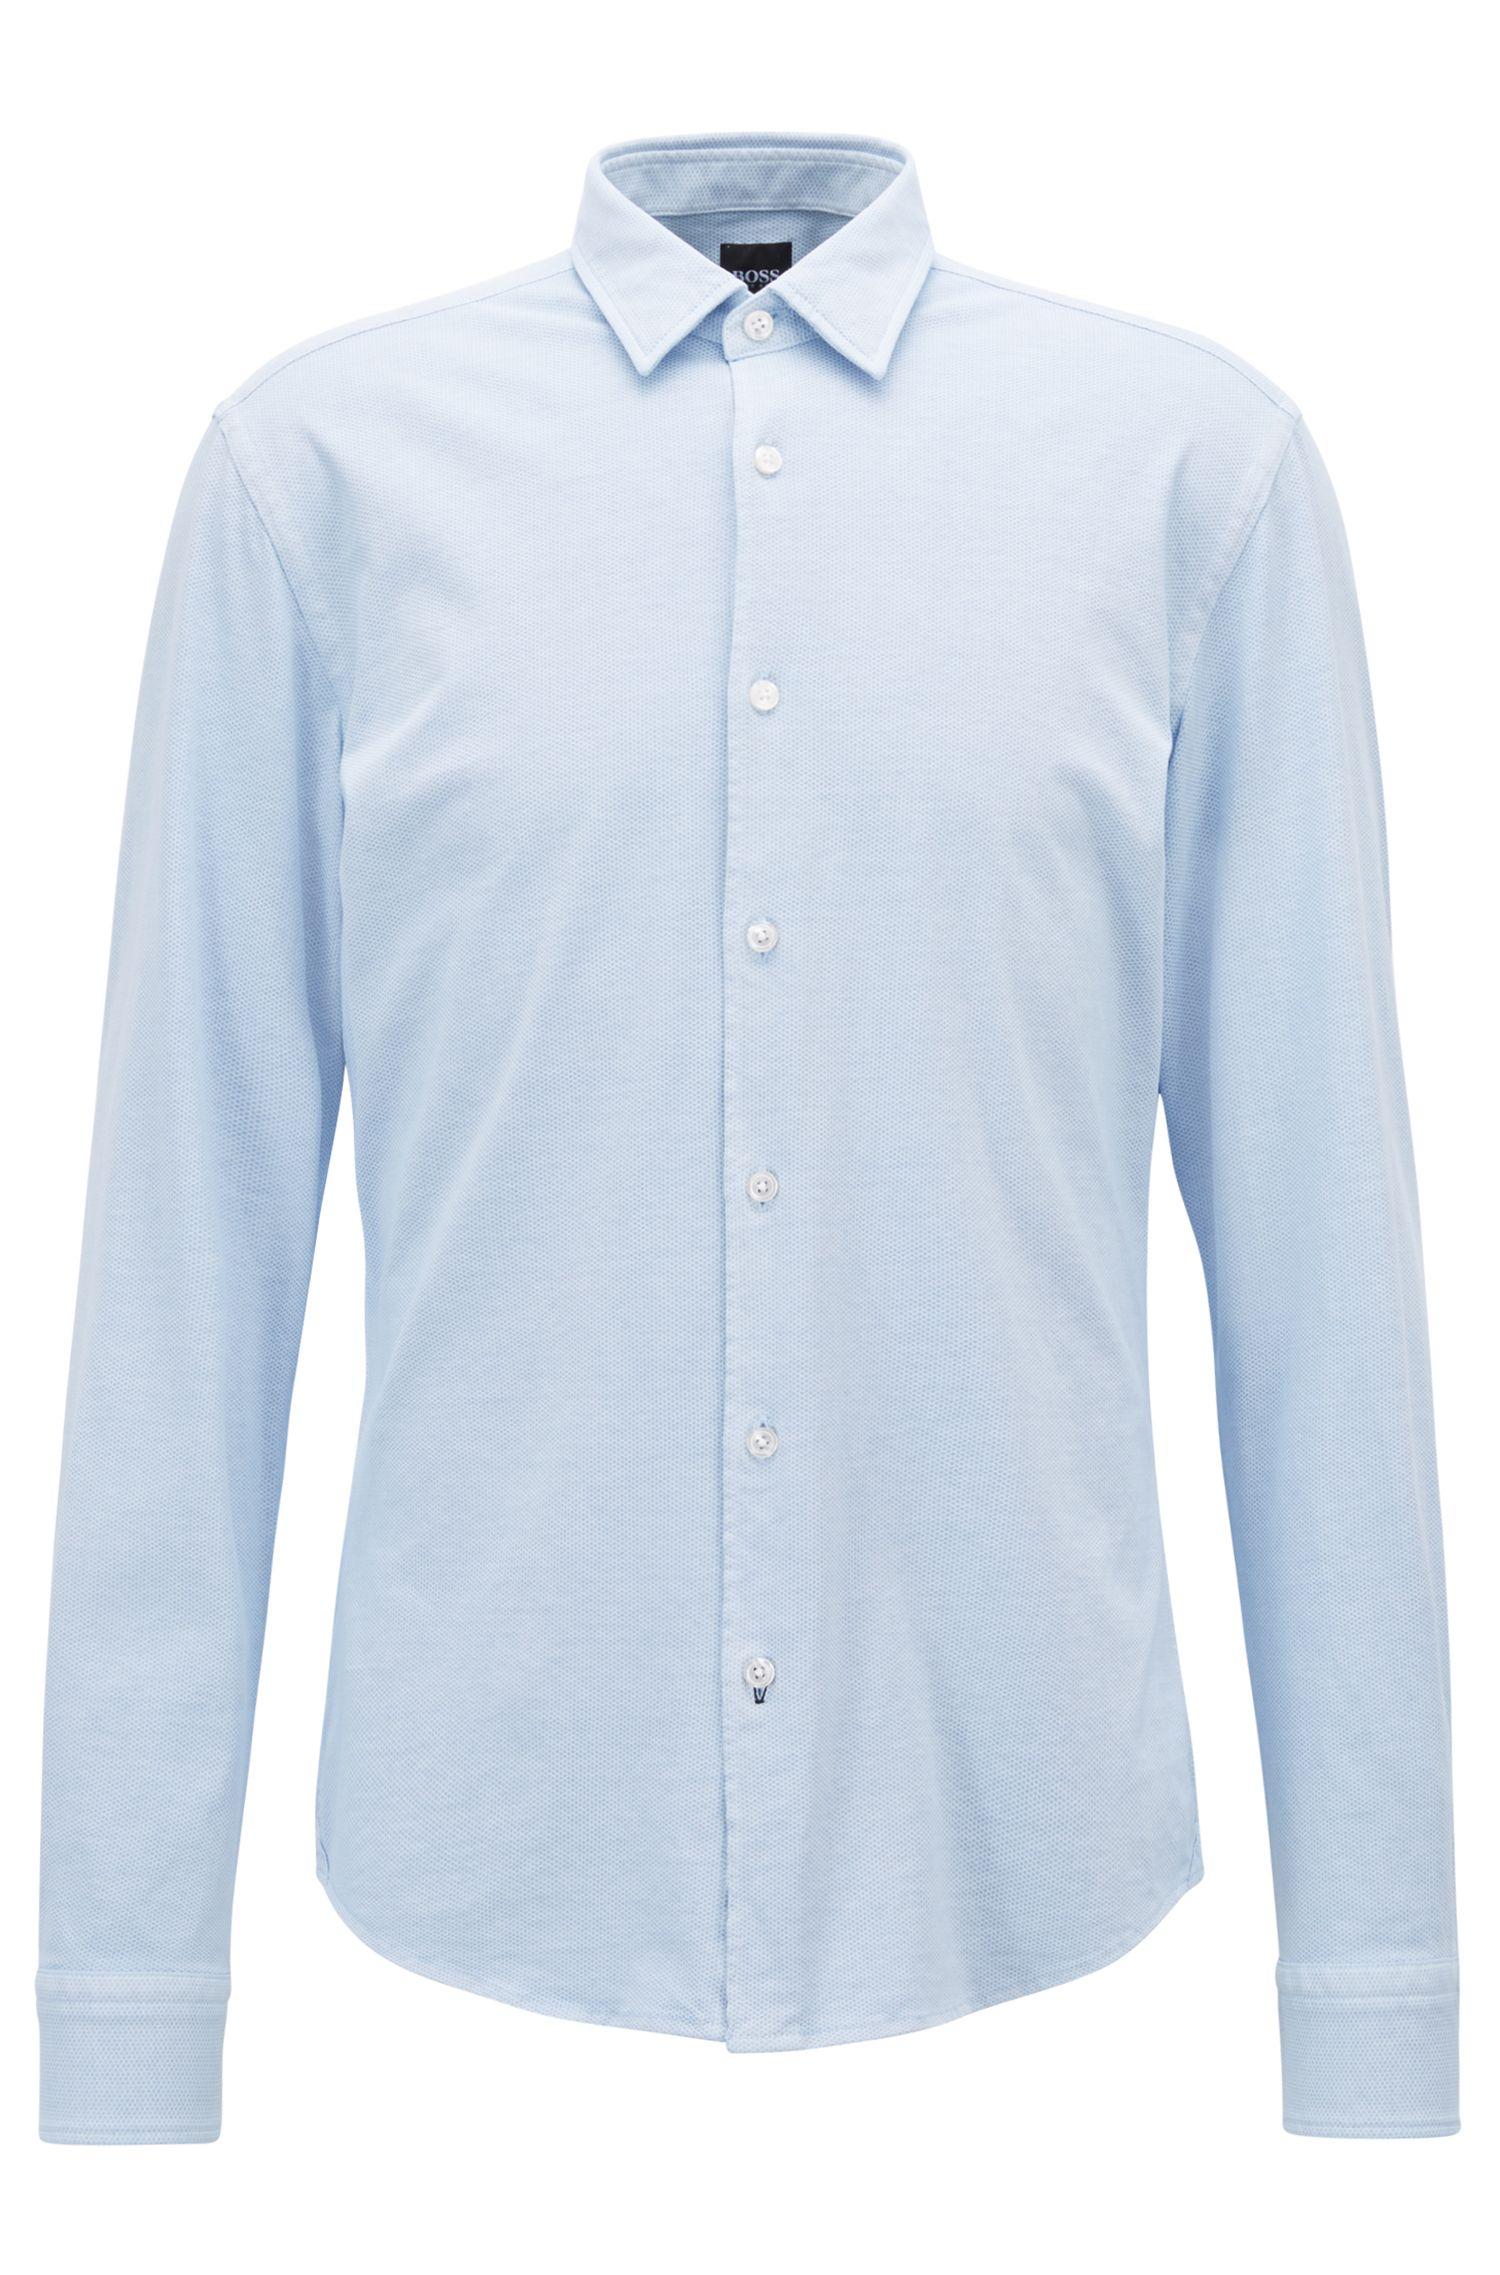 Cotton Sport Shirt, Slim Fit | Reid F, Dark Blue